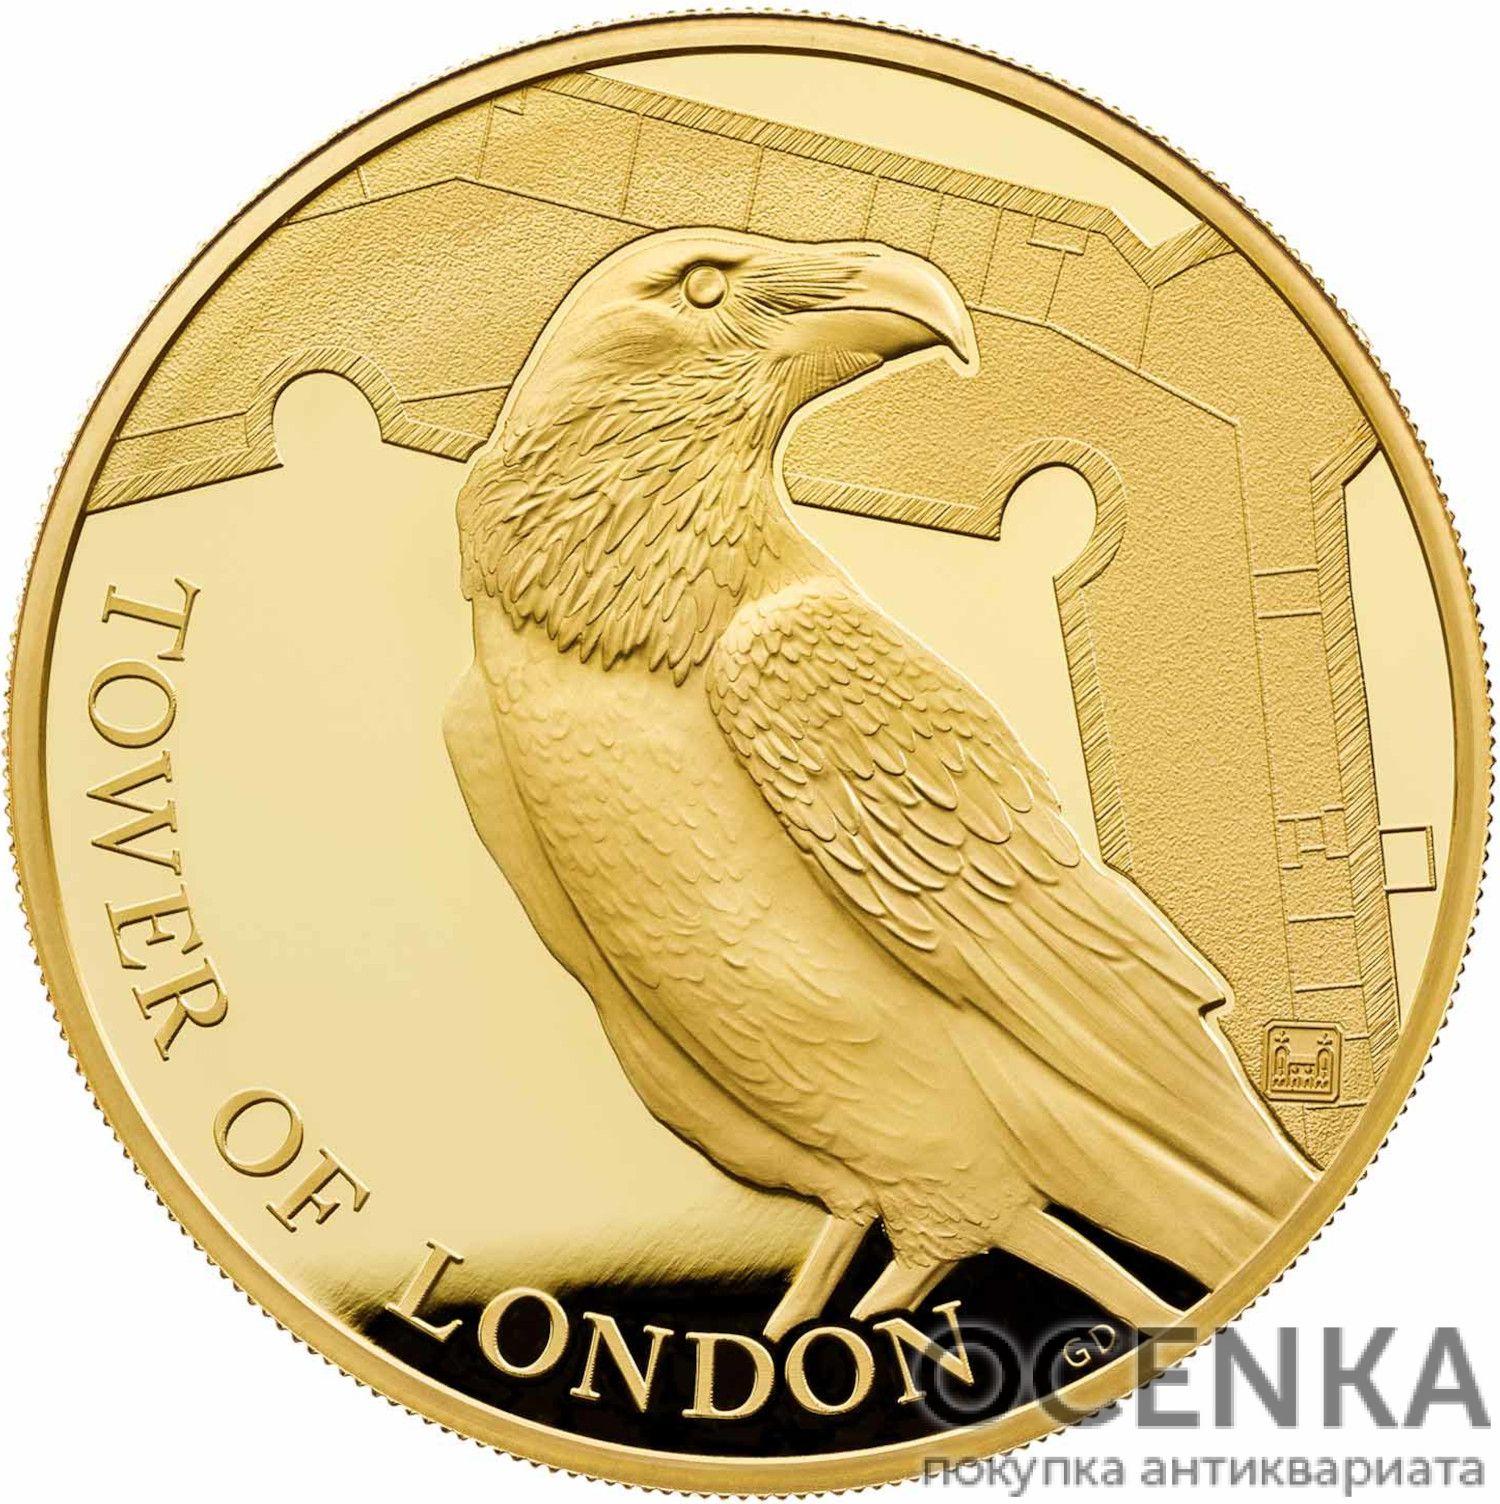 Золотая монета 10 Pounds (10 фунтов) Великобритания - 2